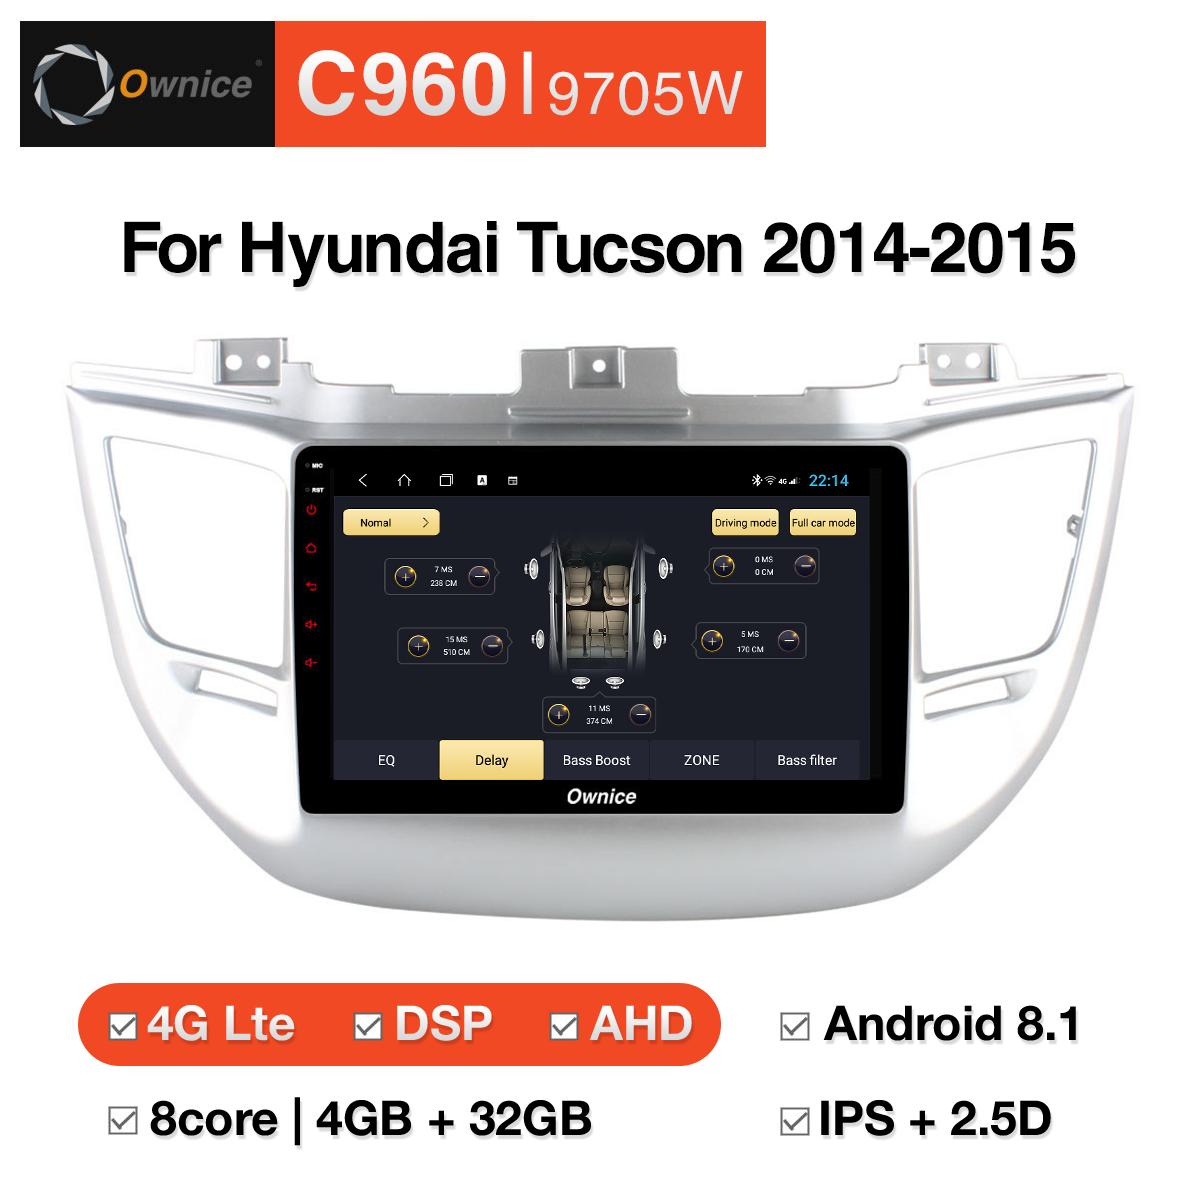 Đầu DVD android Ownice C960 cho xe ô tô Hyundai Tucson 2014-2015